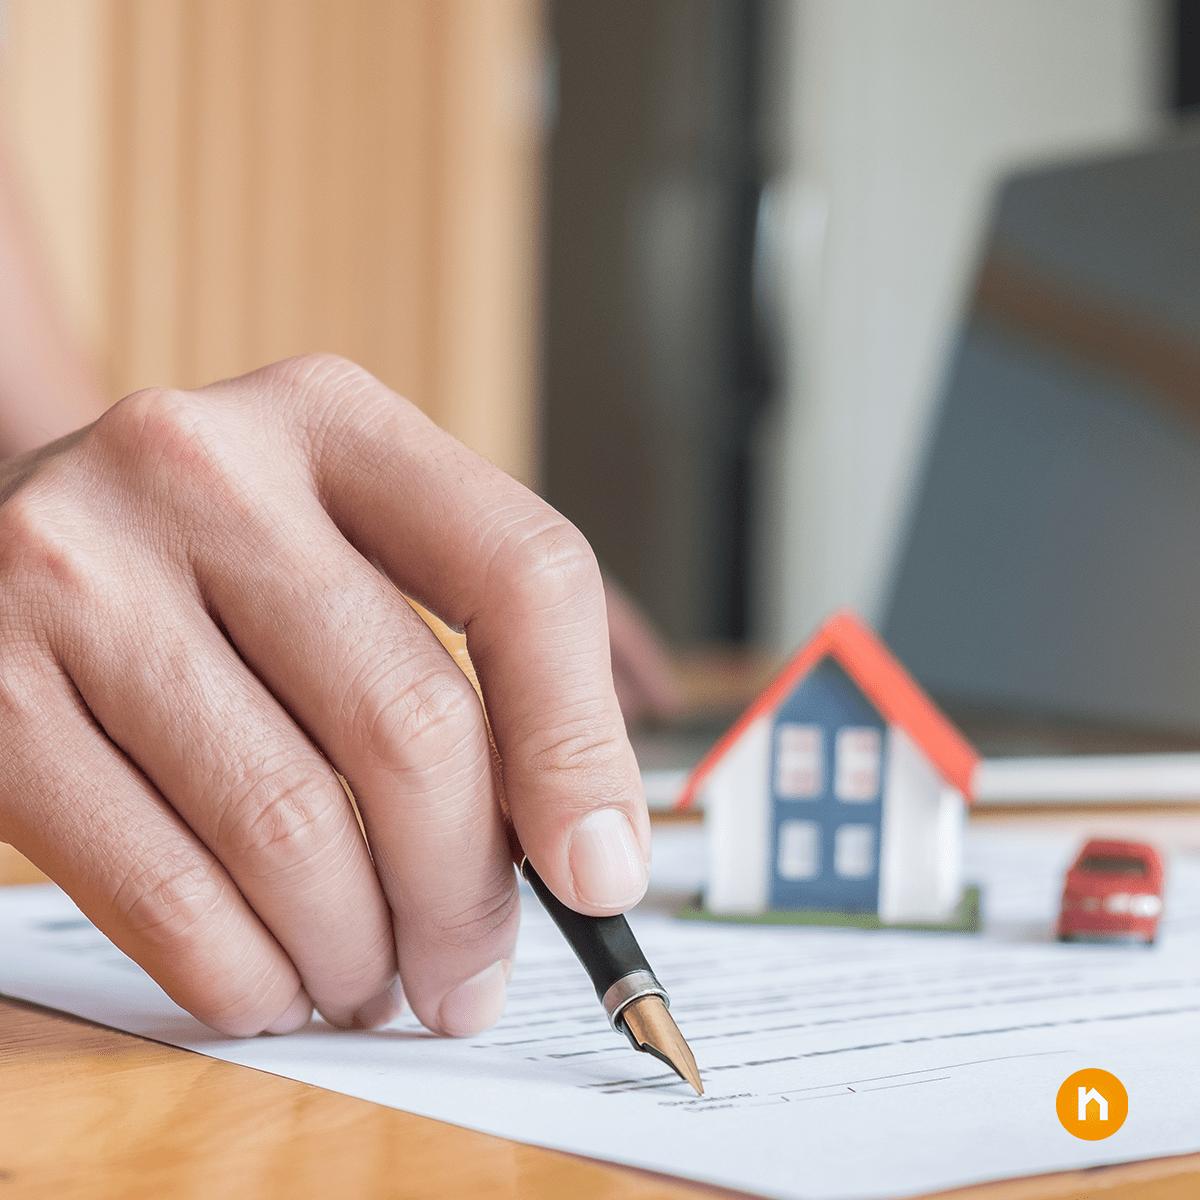 Vom Eigentümer zum Mieter werden – lohnt sich das? Mit der Immobilienverrentung durchaus